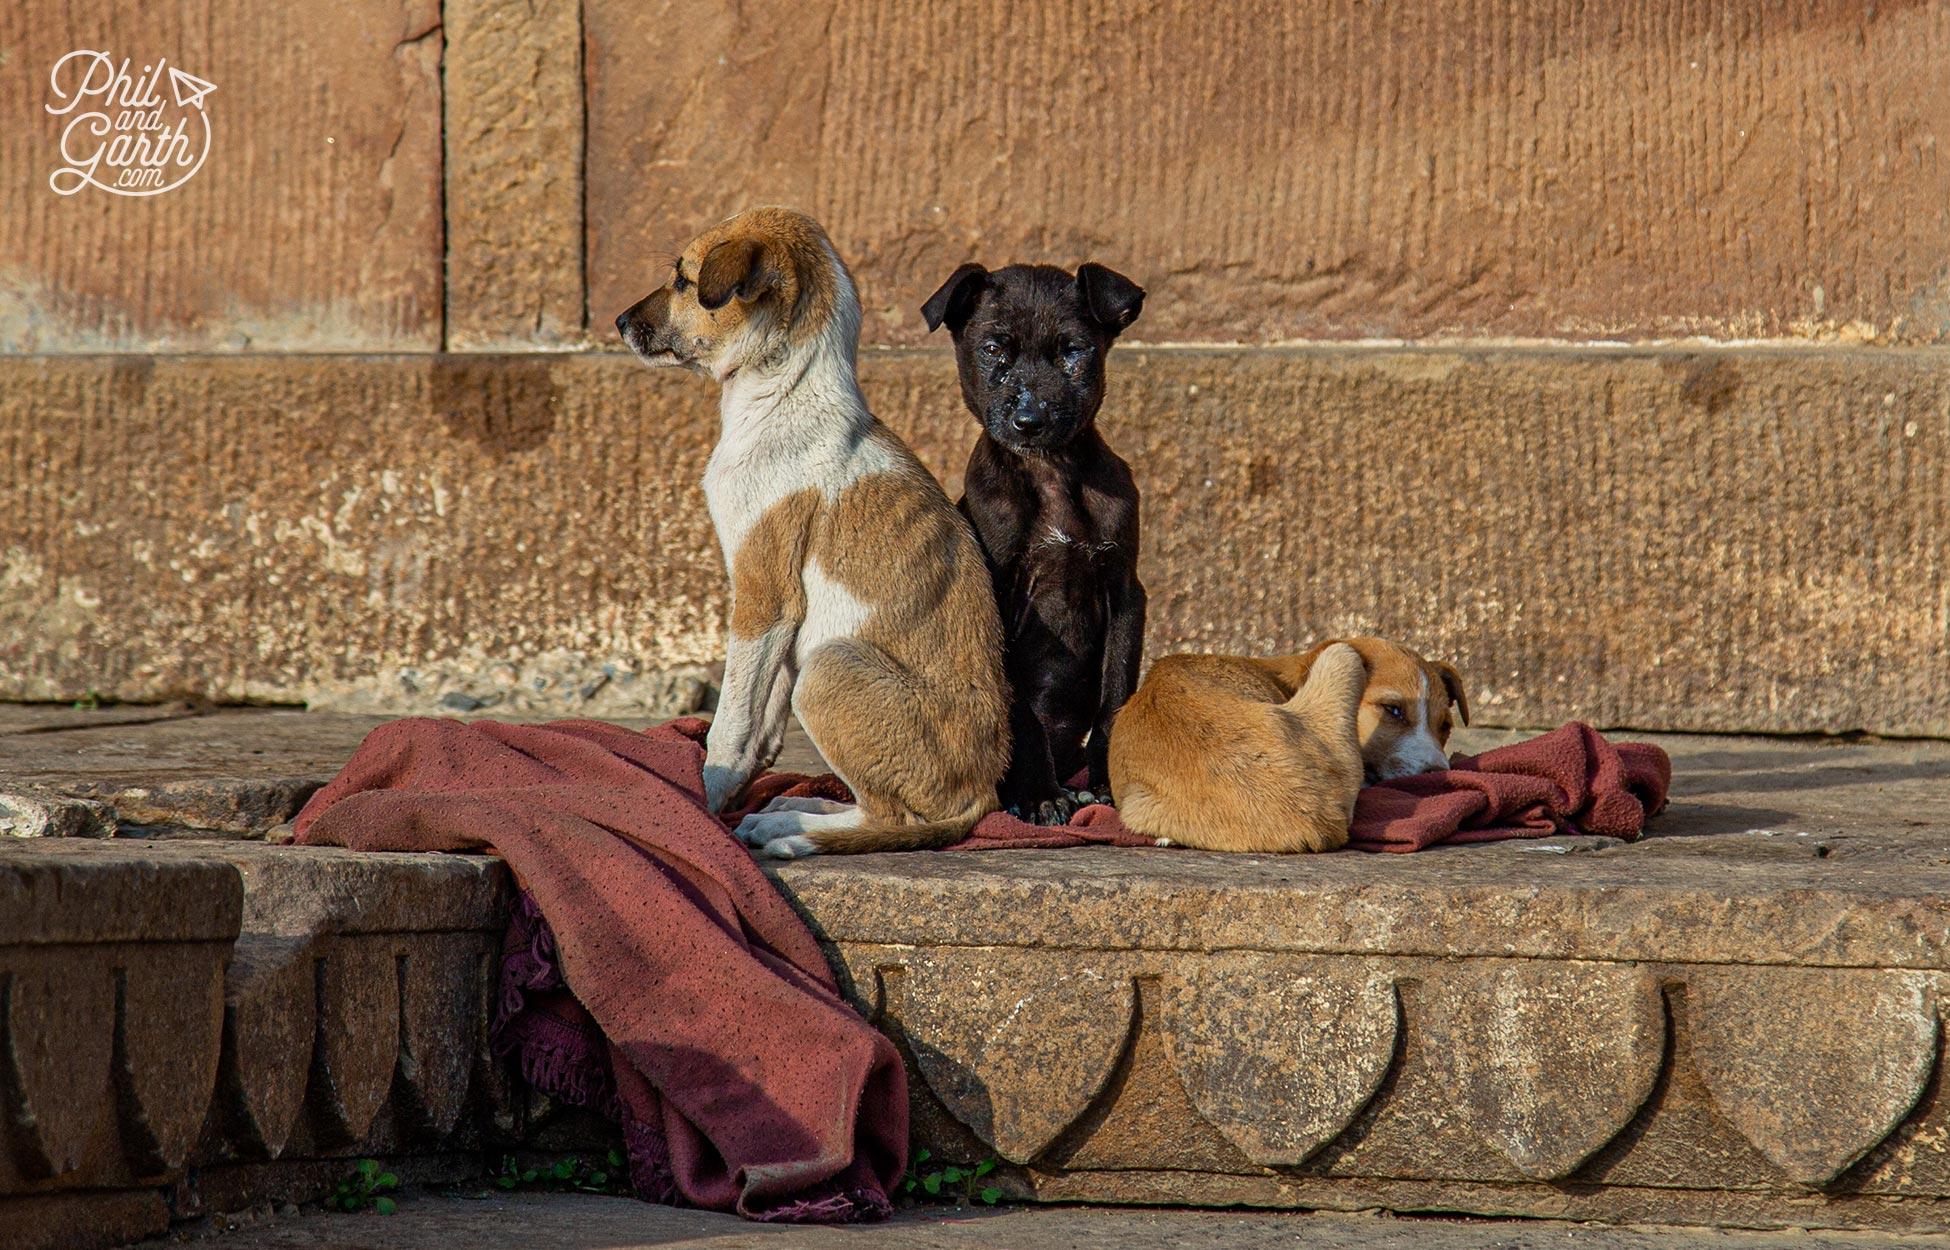 So many stray dogs on the ghats of Varanasi